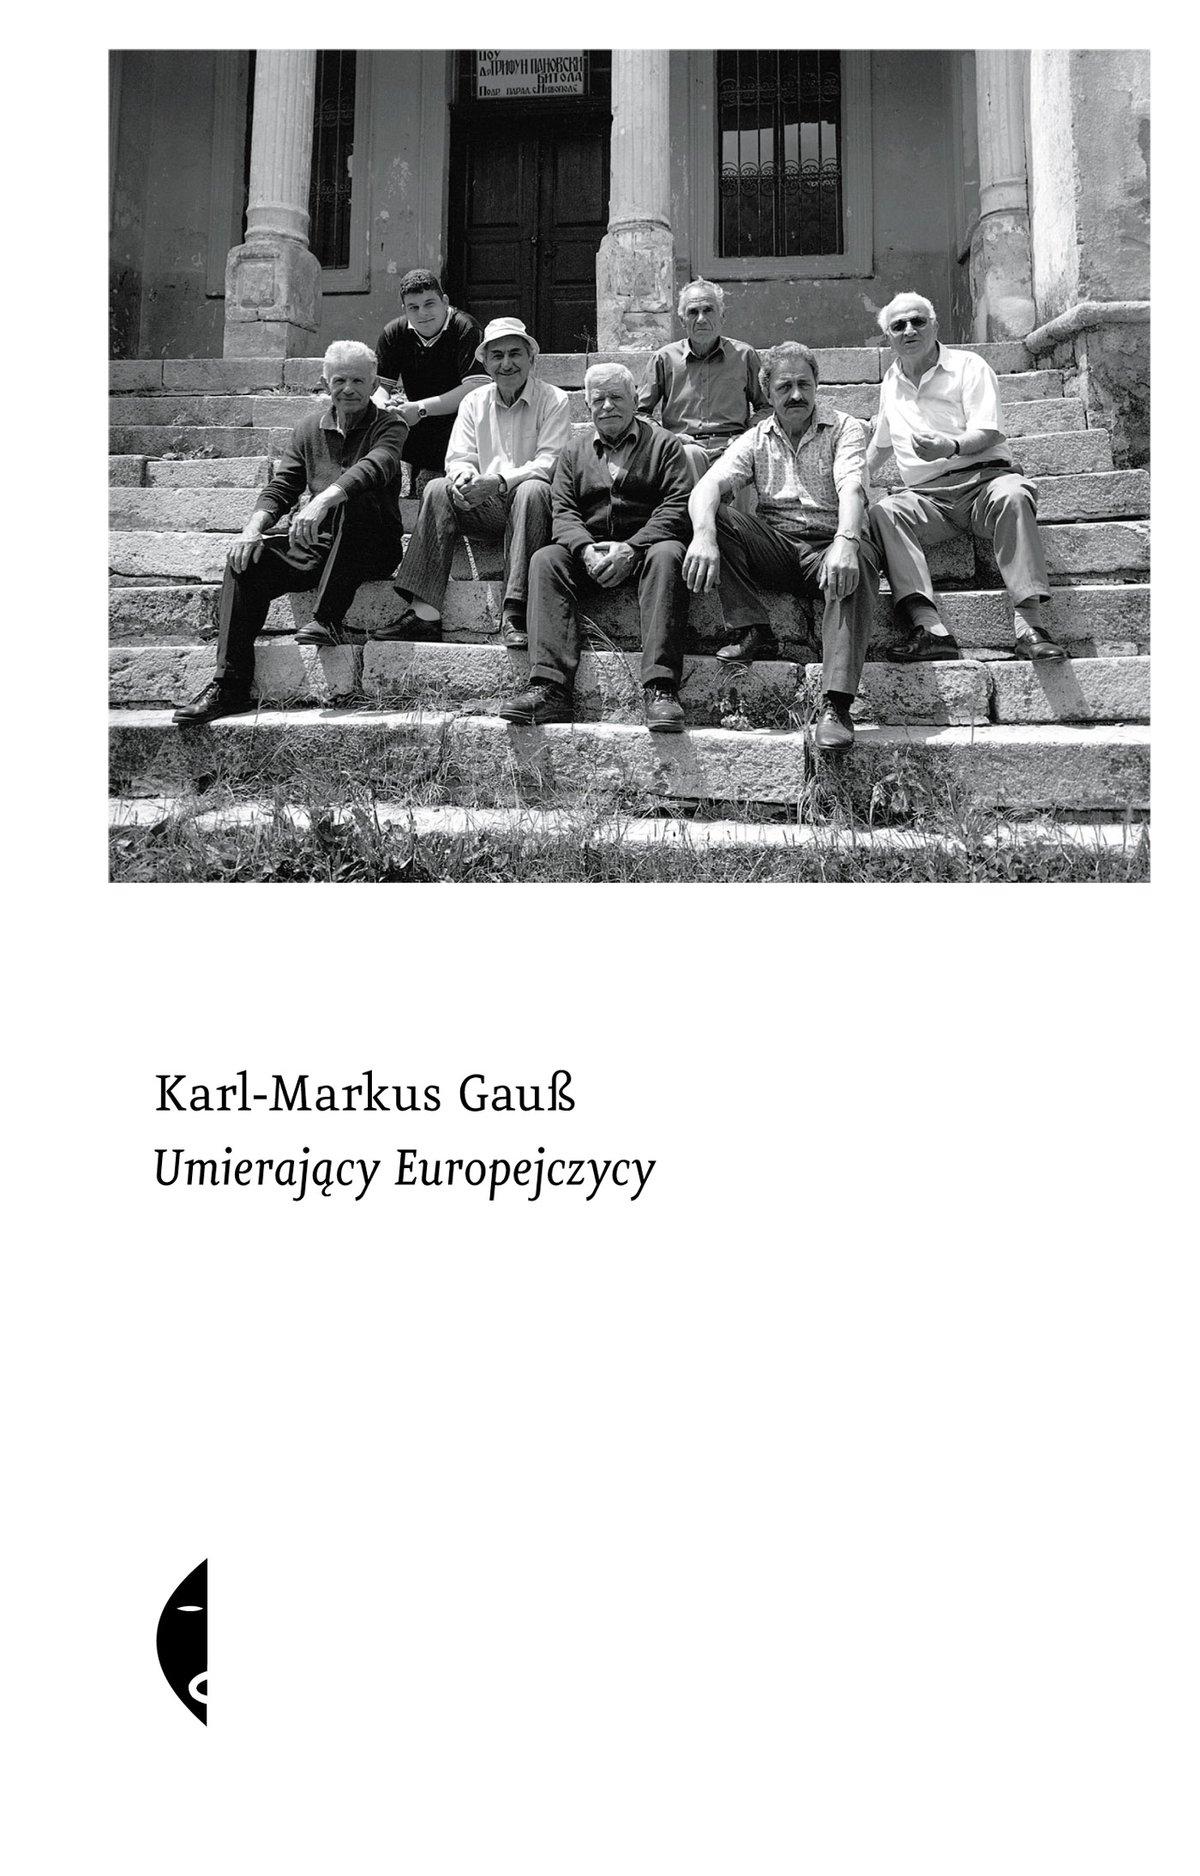 Umierający Europejczycy - Ebook (Książka na Kindle) do pobrania w formacie MOBI